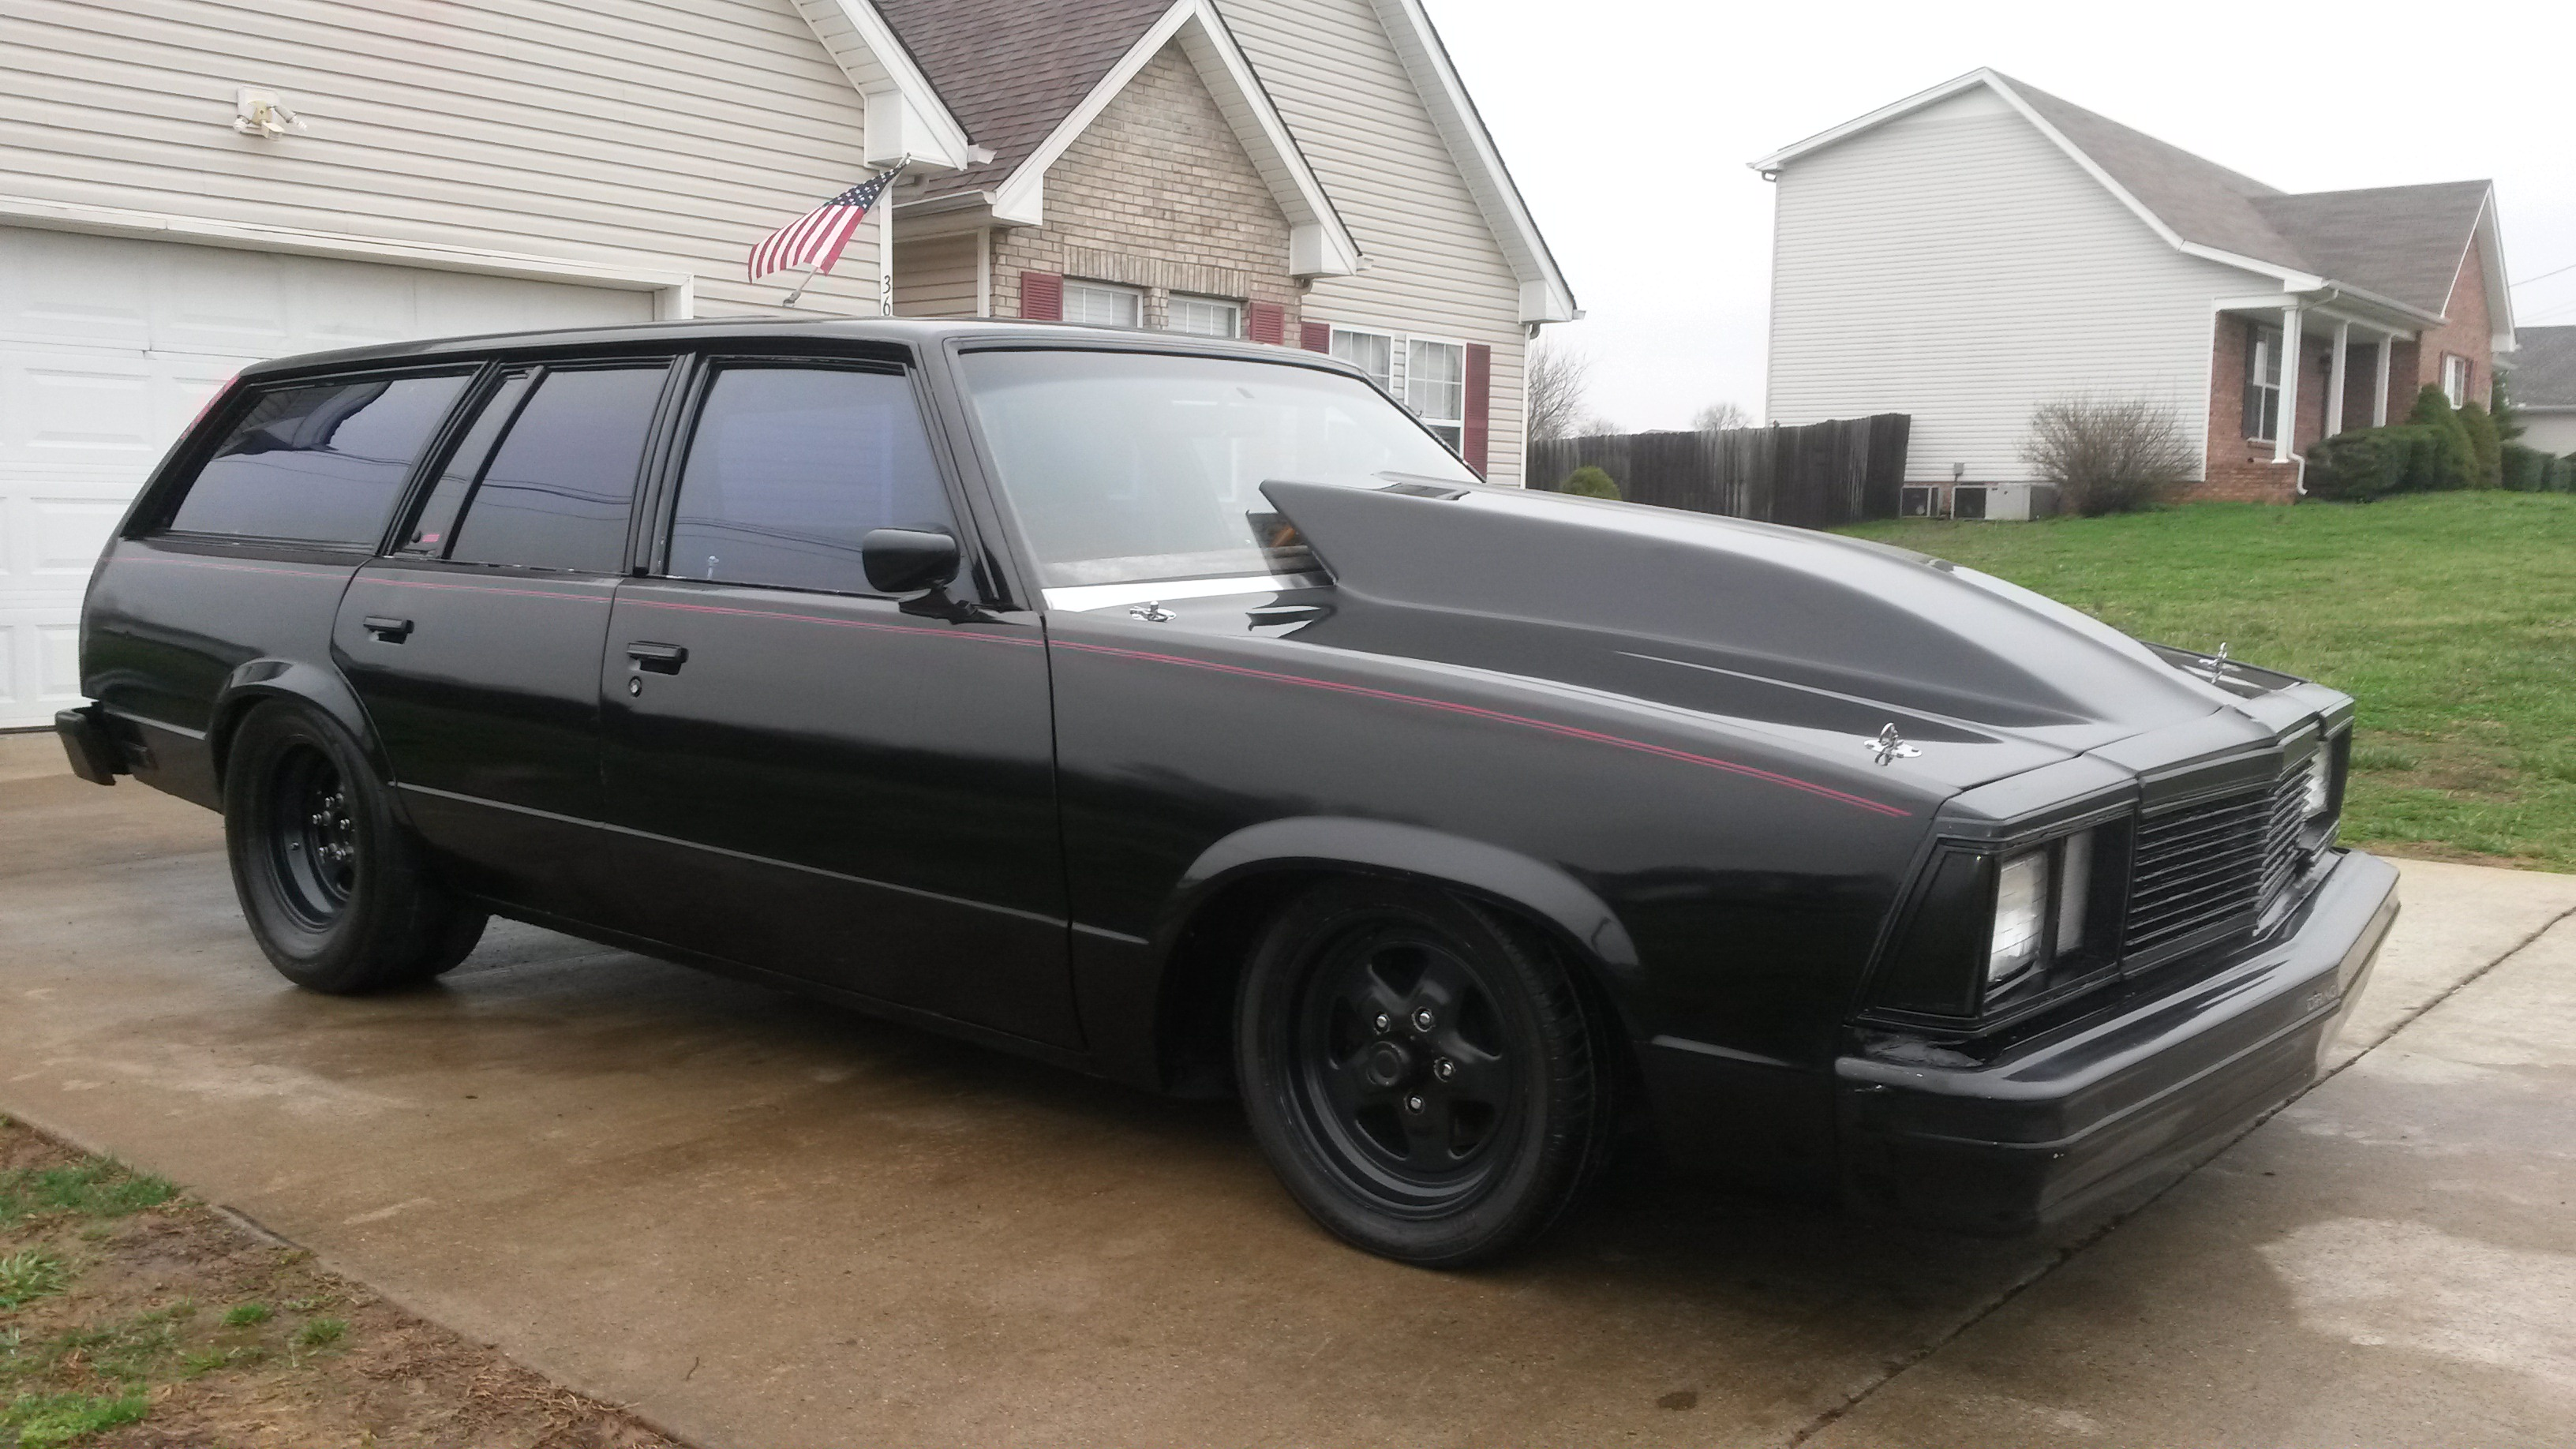 Car of the Week: Allen Wood\'s 1980 Chevy Malibu Wagon